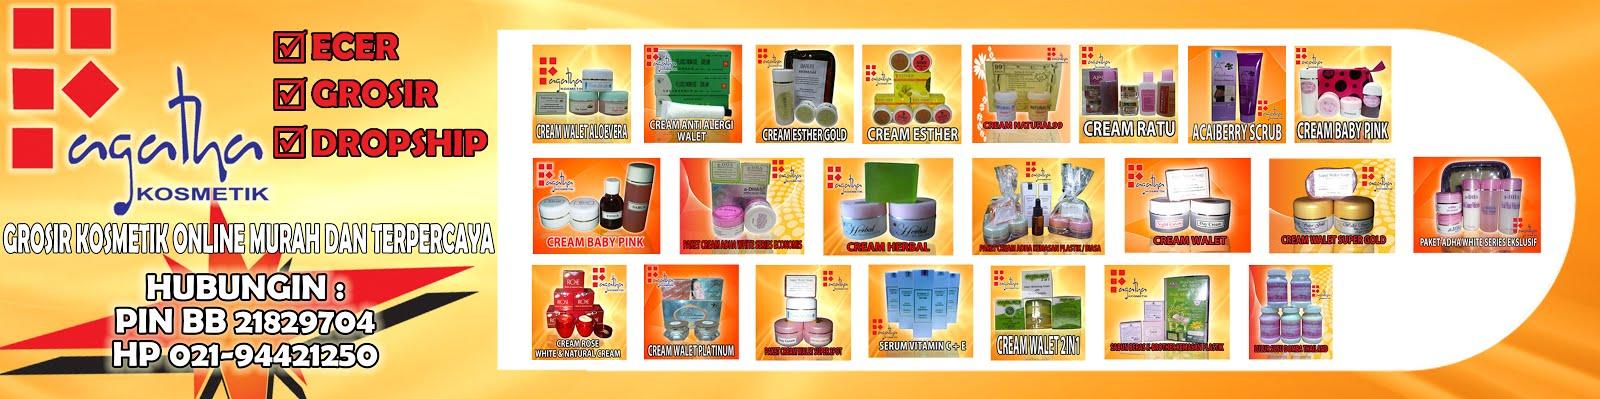 Fagatha Kosmetik Grosir Kosmetik Termurah dan Terpercaya